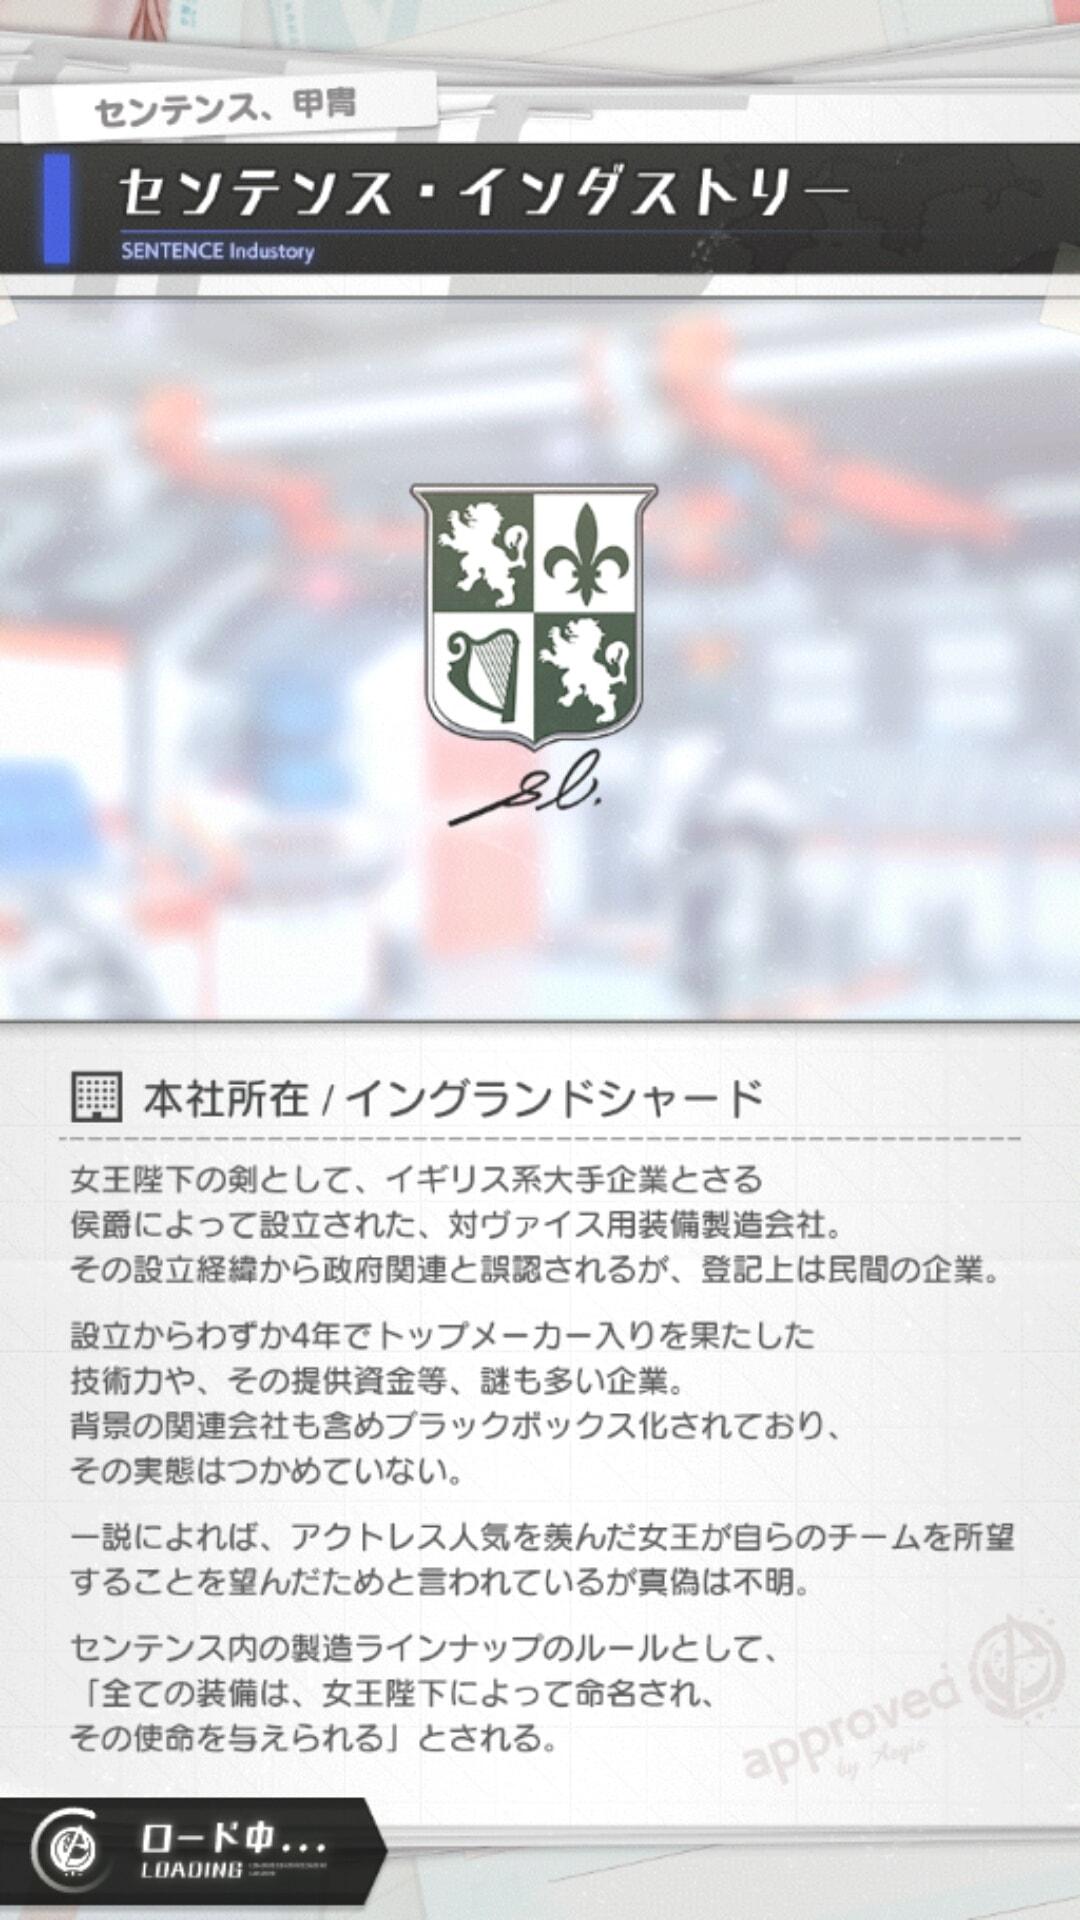 センテンス・インダストリー.jpg